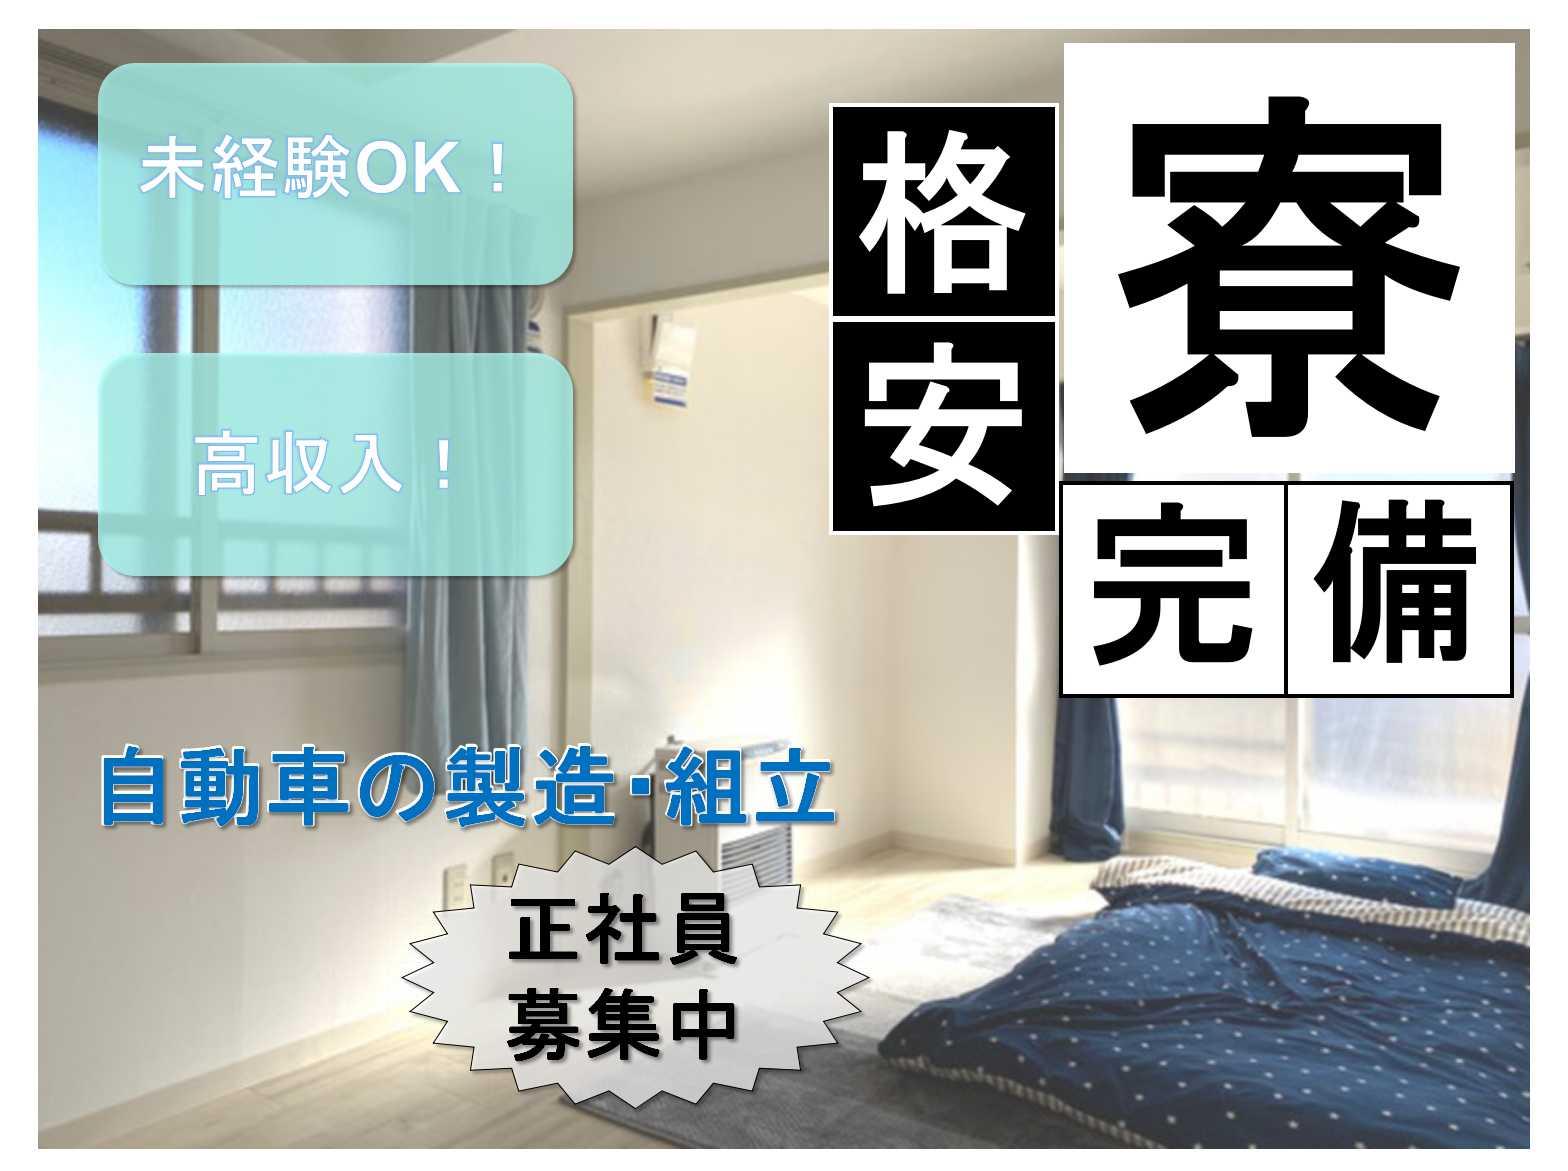 【正社員】高収入◆社員寮完備◆自動車の製造・組立◆ イメージ